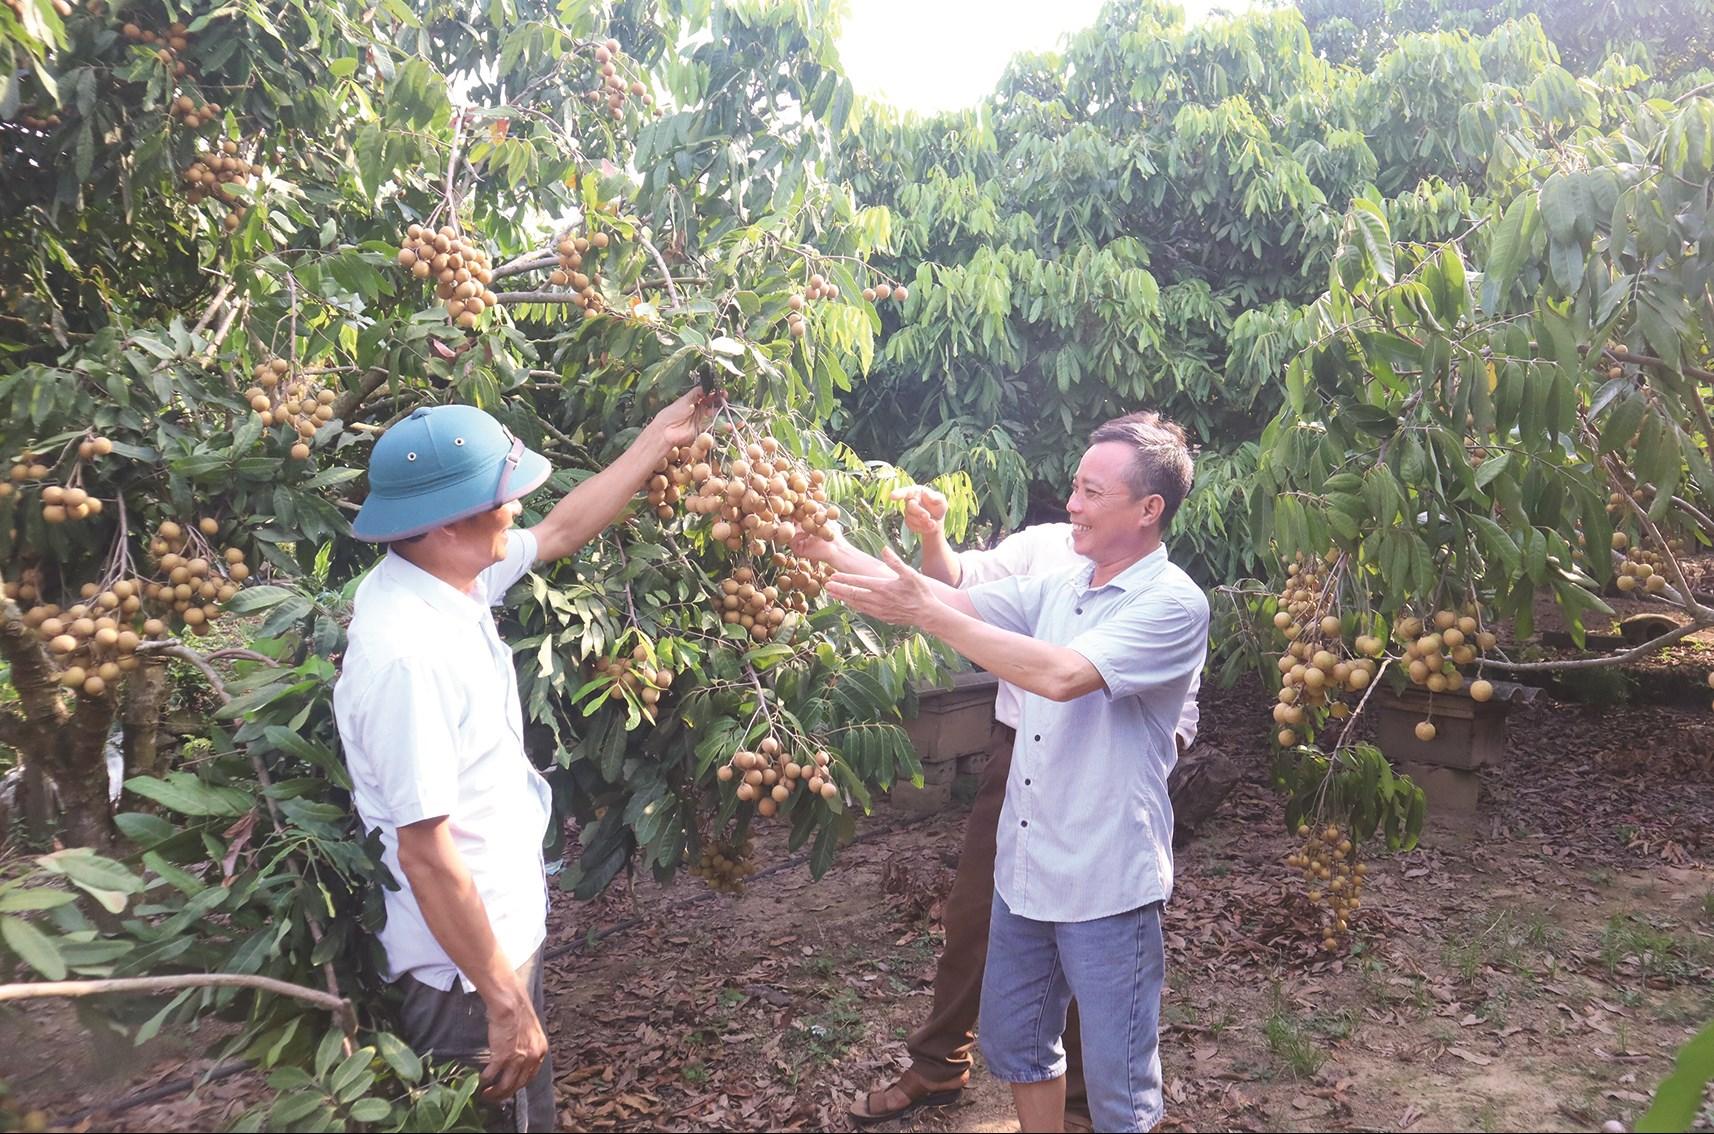 Đảng bộ huyện Lục Nam (Bắc Giang): Tạo đột phá trong phát triển vùng dân tộc thiểu số 1